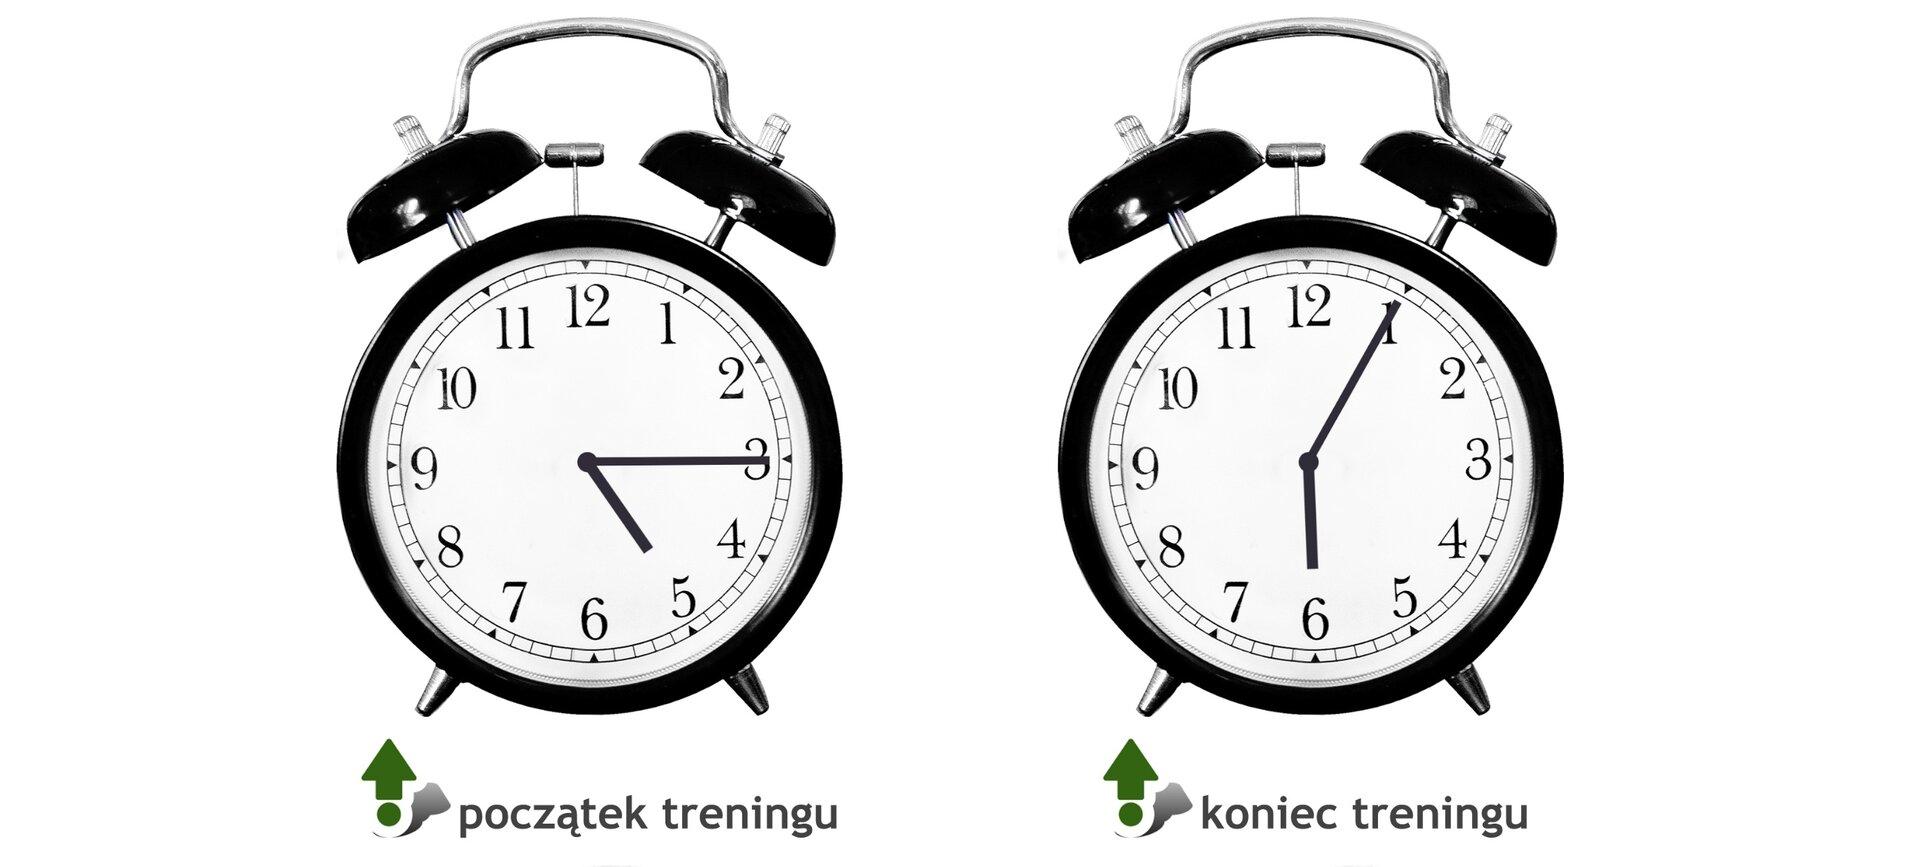 Rysunek dwóch zegarów. Zegar pierwszy pokazuje początek treningu - wskazówka godzinowa na 5, minutowa na 3. Zegar drugi pokazuje koniec treningu - wskazówka godzinowa na 6, minutowa na 1.